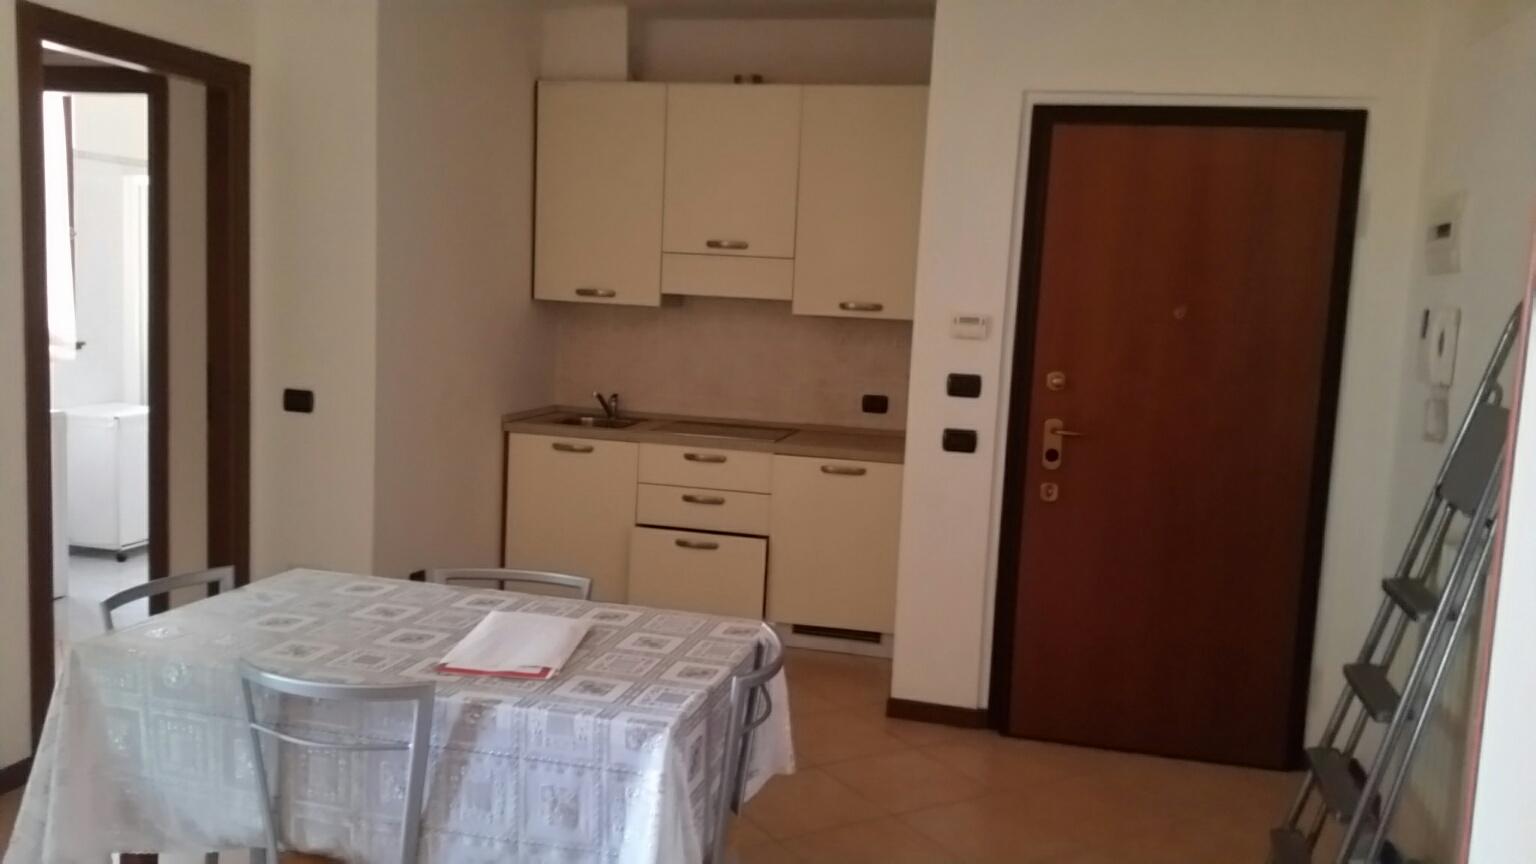 Appartamento in affitto a Rho, 1 locali, zona Località: Centro, prezzo € 600 | CambioCasa.it